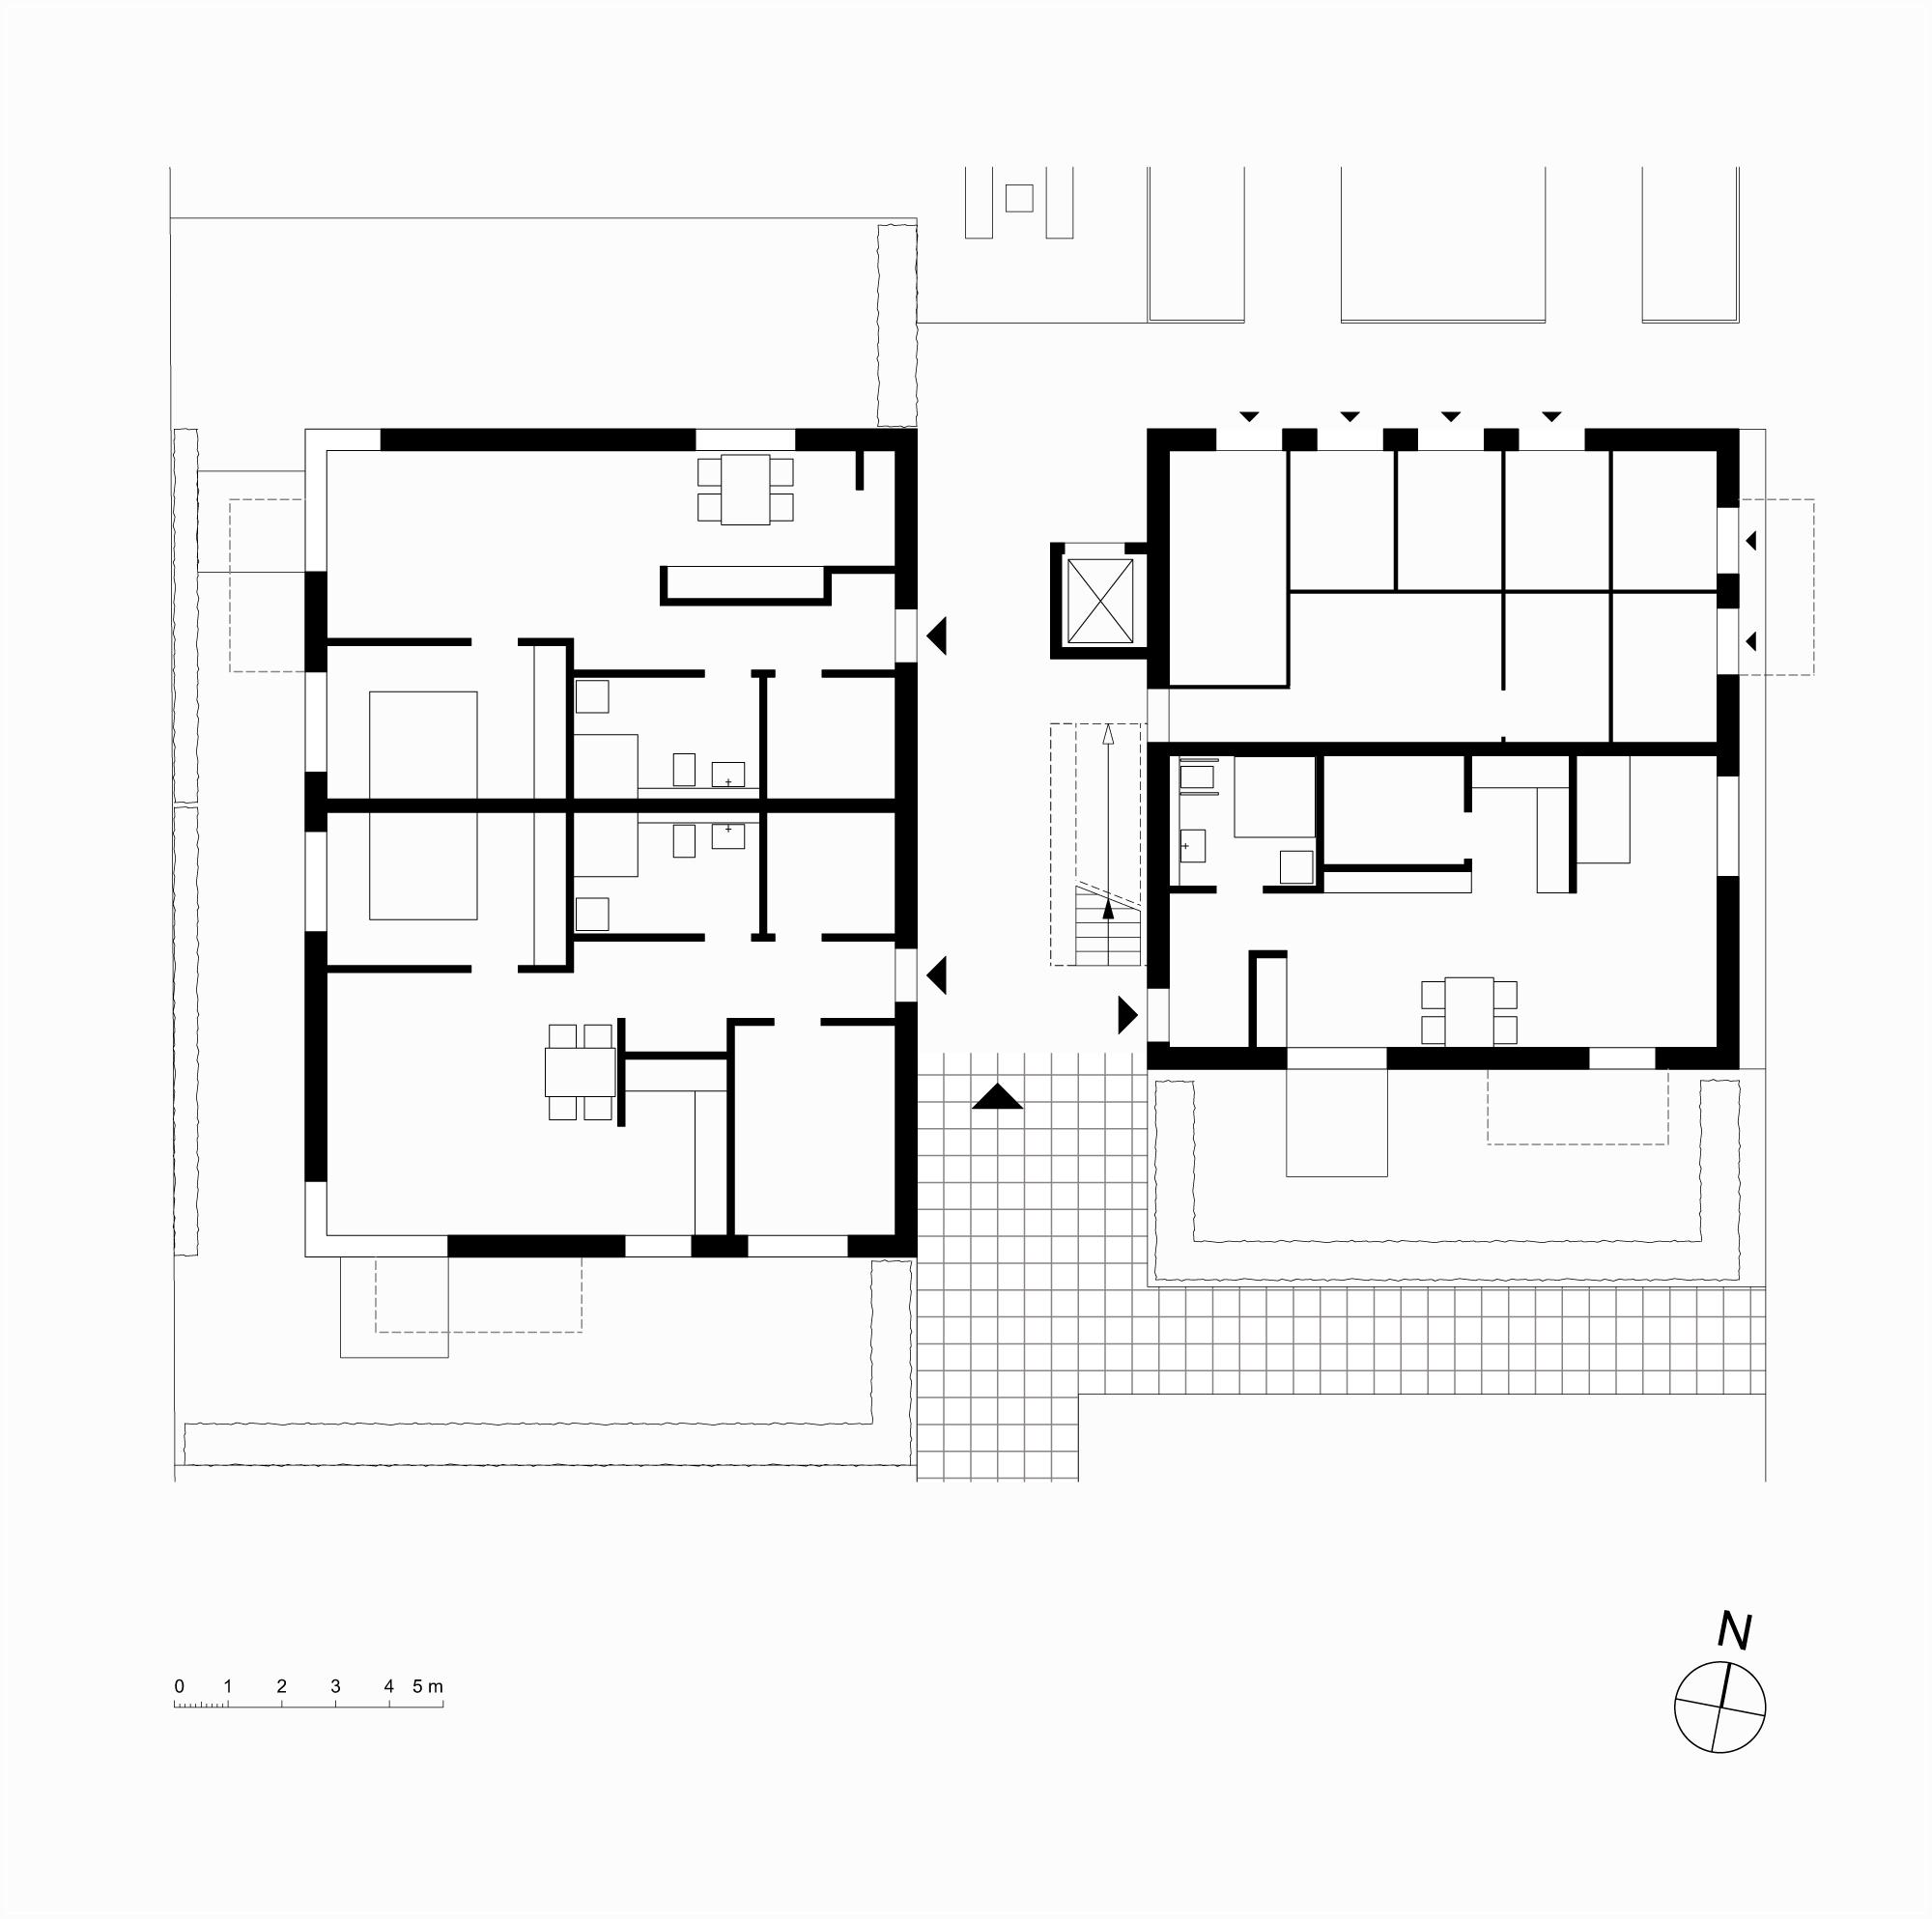 architektur grundriss grundriss grundriss riegel grundriss zeichnen architektur online. Black Bedroom Furniture Sets. Home Design Ideas